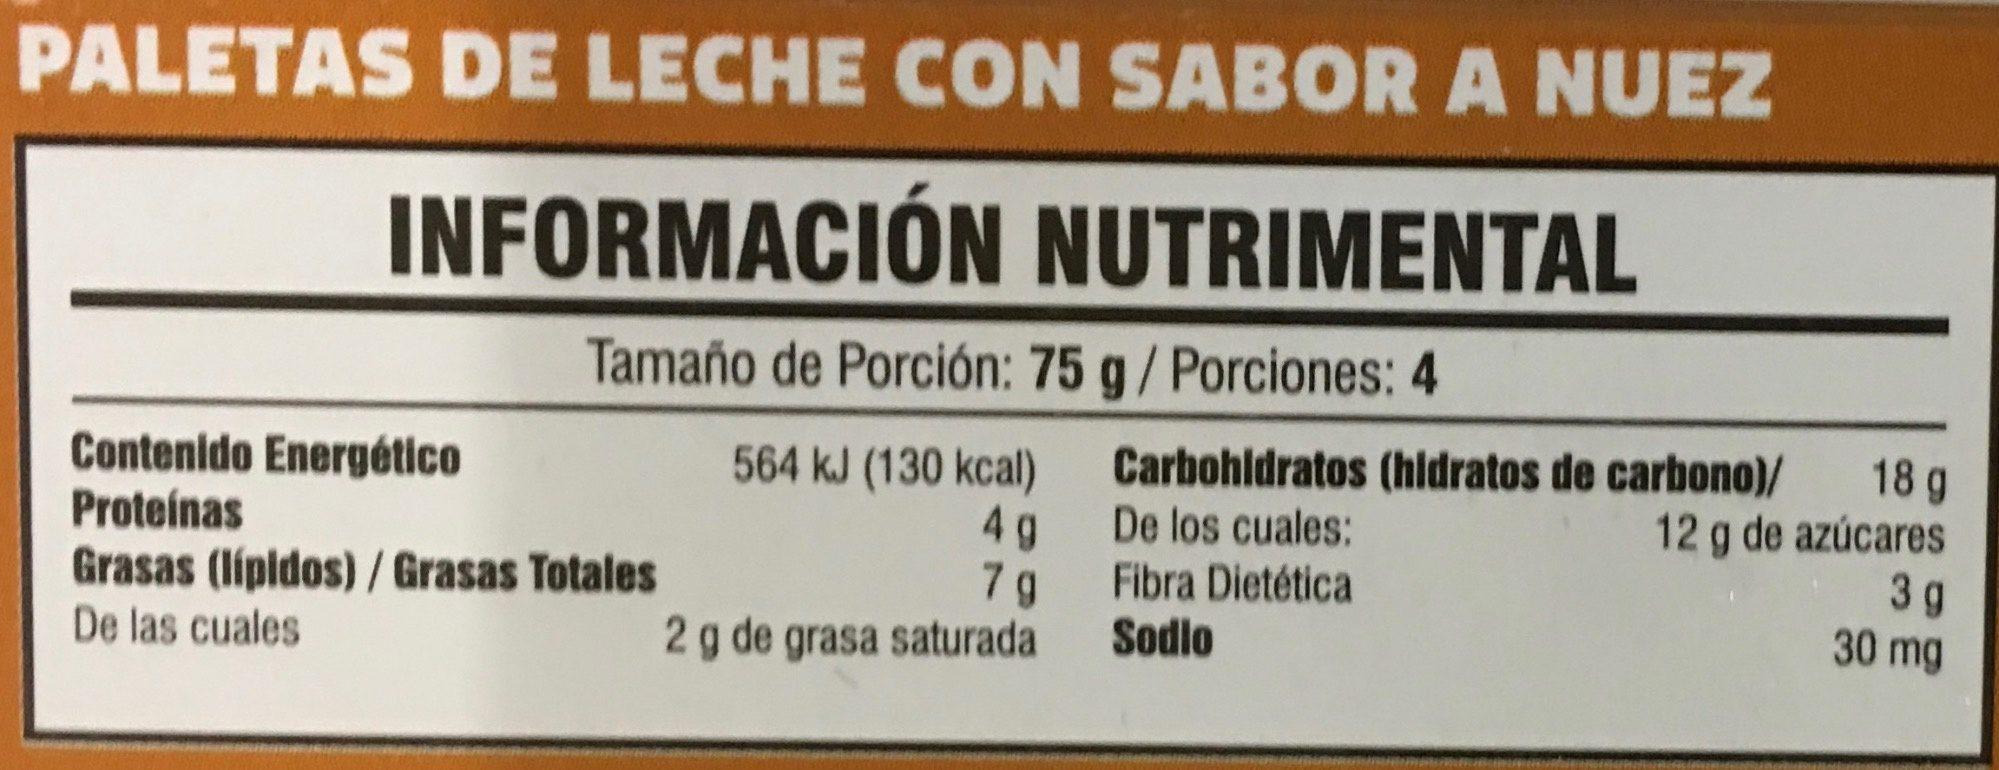 Paletas sabor nuez endulzadas con stevia - Voedingswaarden - es